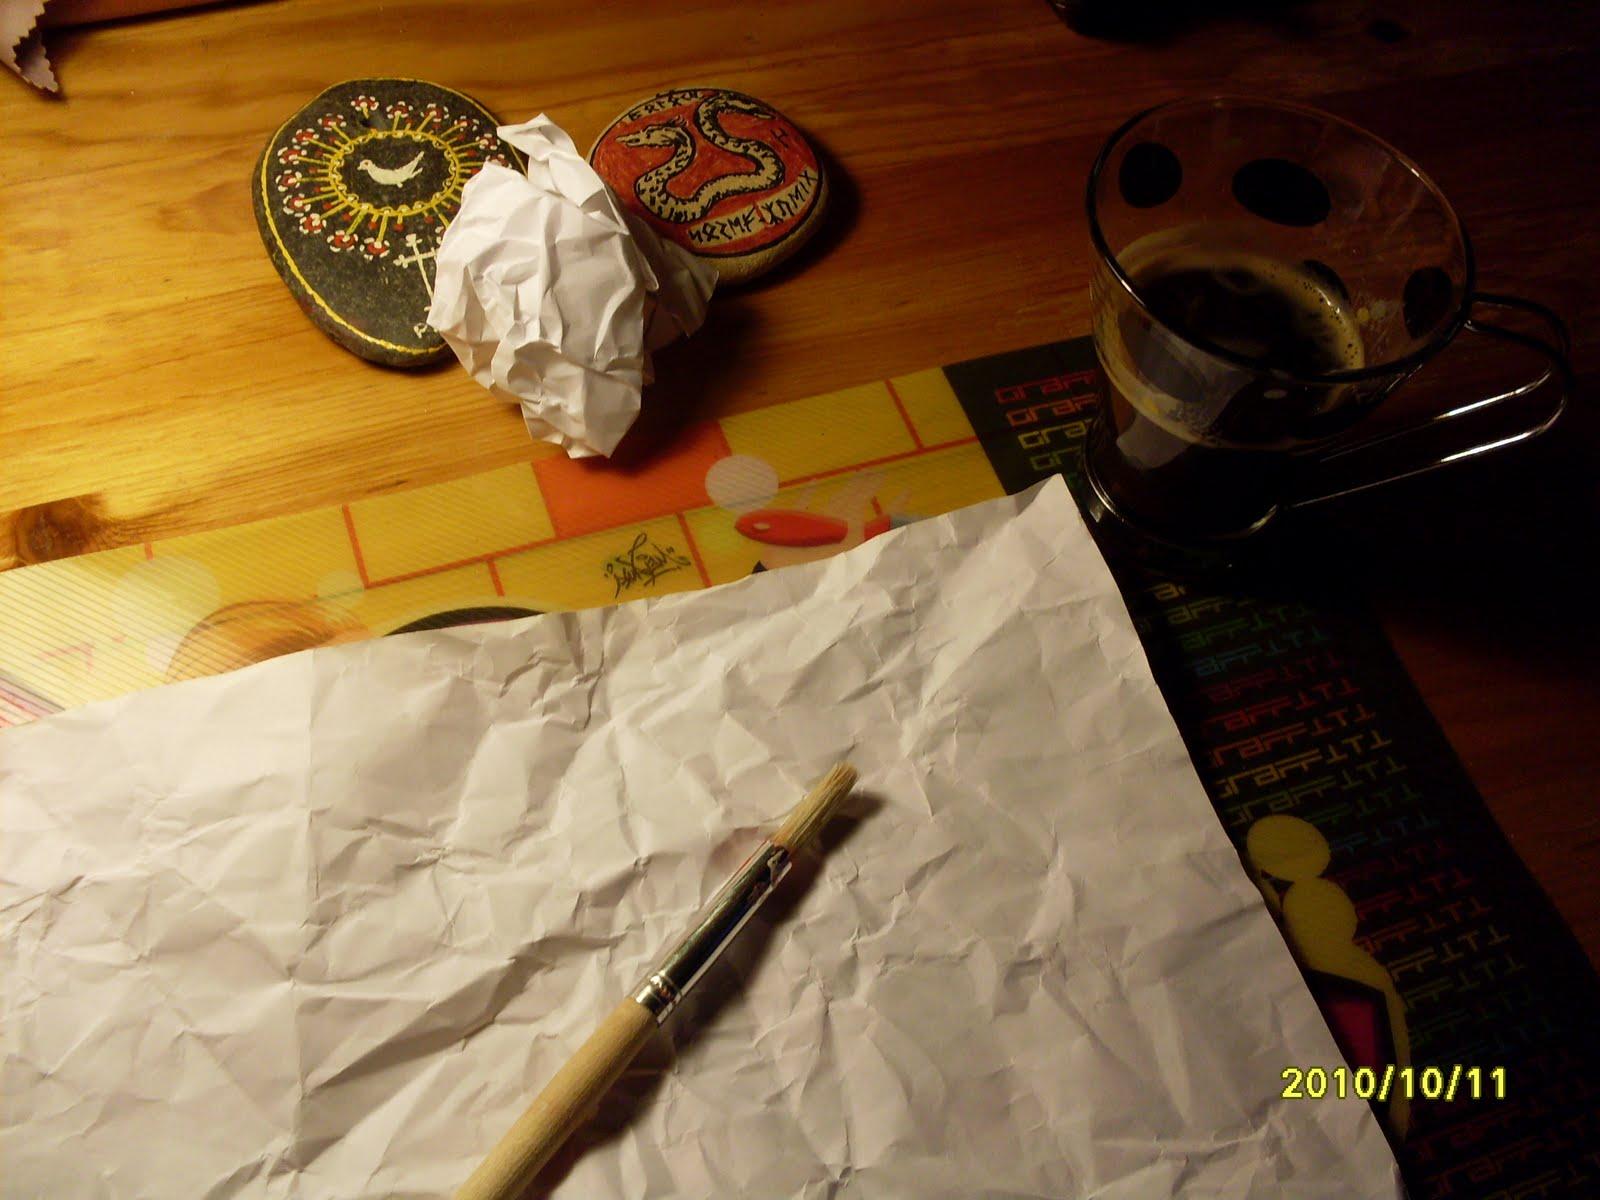 envejecer, papel, papiros, vintage, antiguo, técnica, método, manualidades